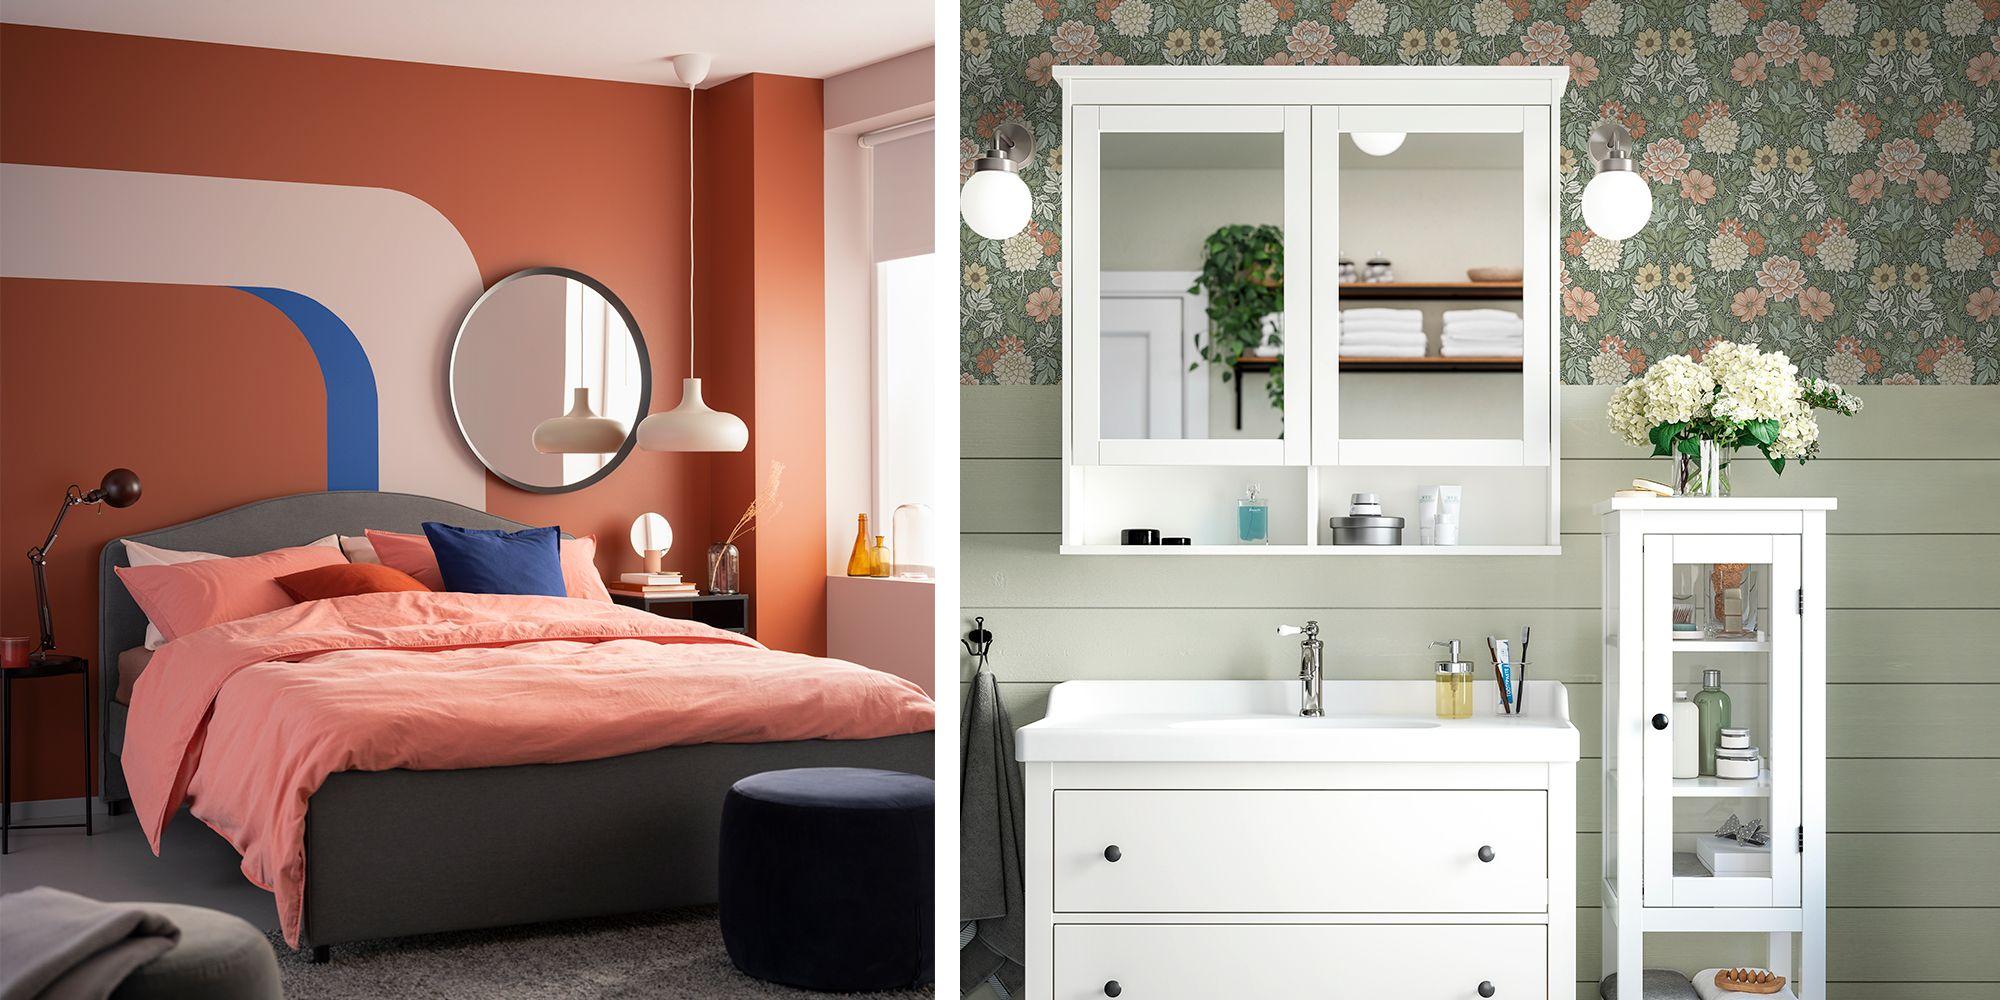 10 ideas geniales para pintar y decorar tus paredes que hemos visto en el catálogo de Ikea